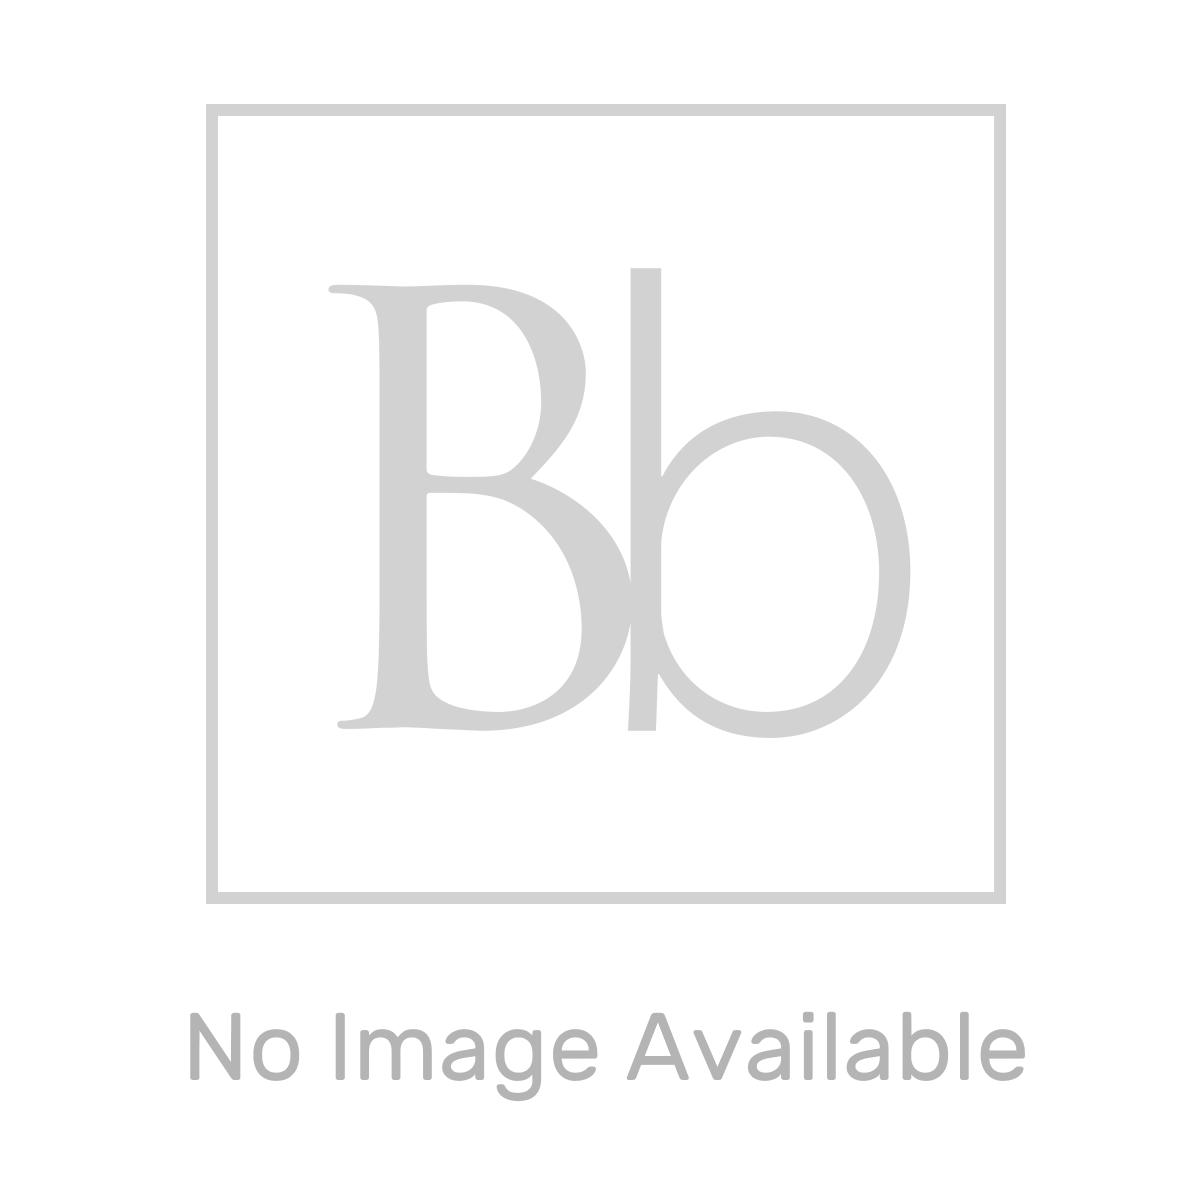 RAK Joy Wall Hung Standard Mirror 400 x 680mm